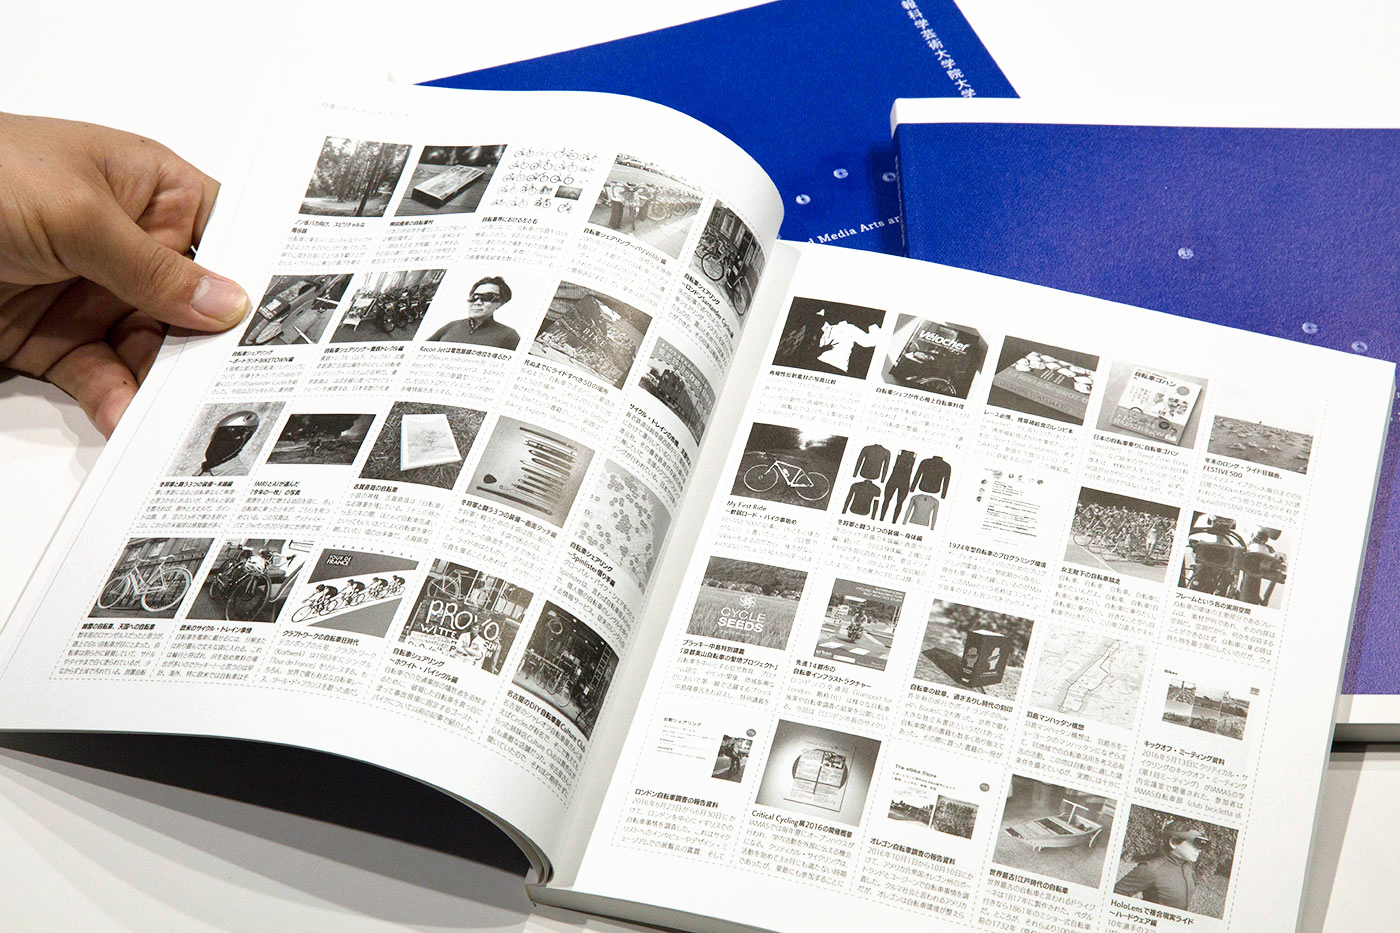 情報科学芸術大学院大学紀要 第8巻イメージ